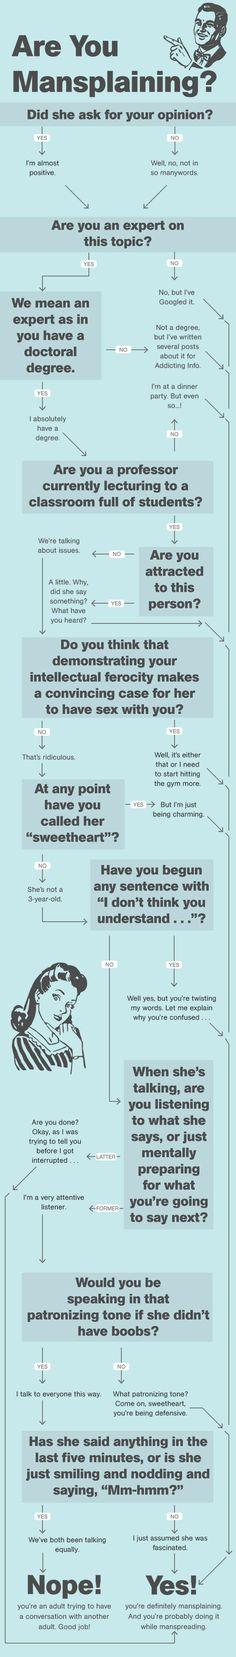 The Man's Guide To Mansplaining http://www.menshealth.com/guy-wisdom/mansplaining?utm_source=t.co